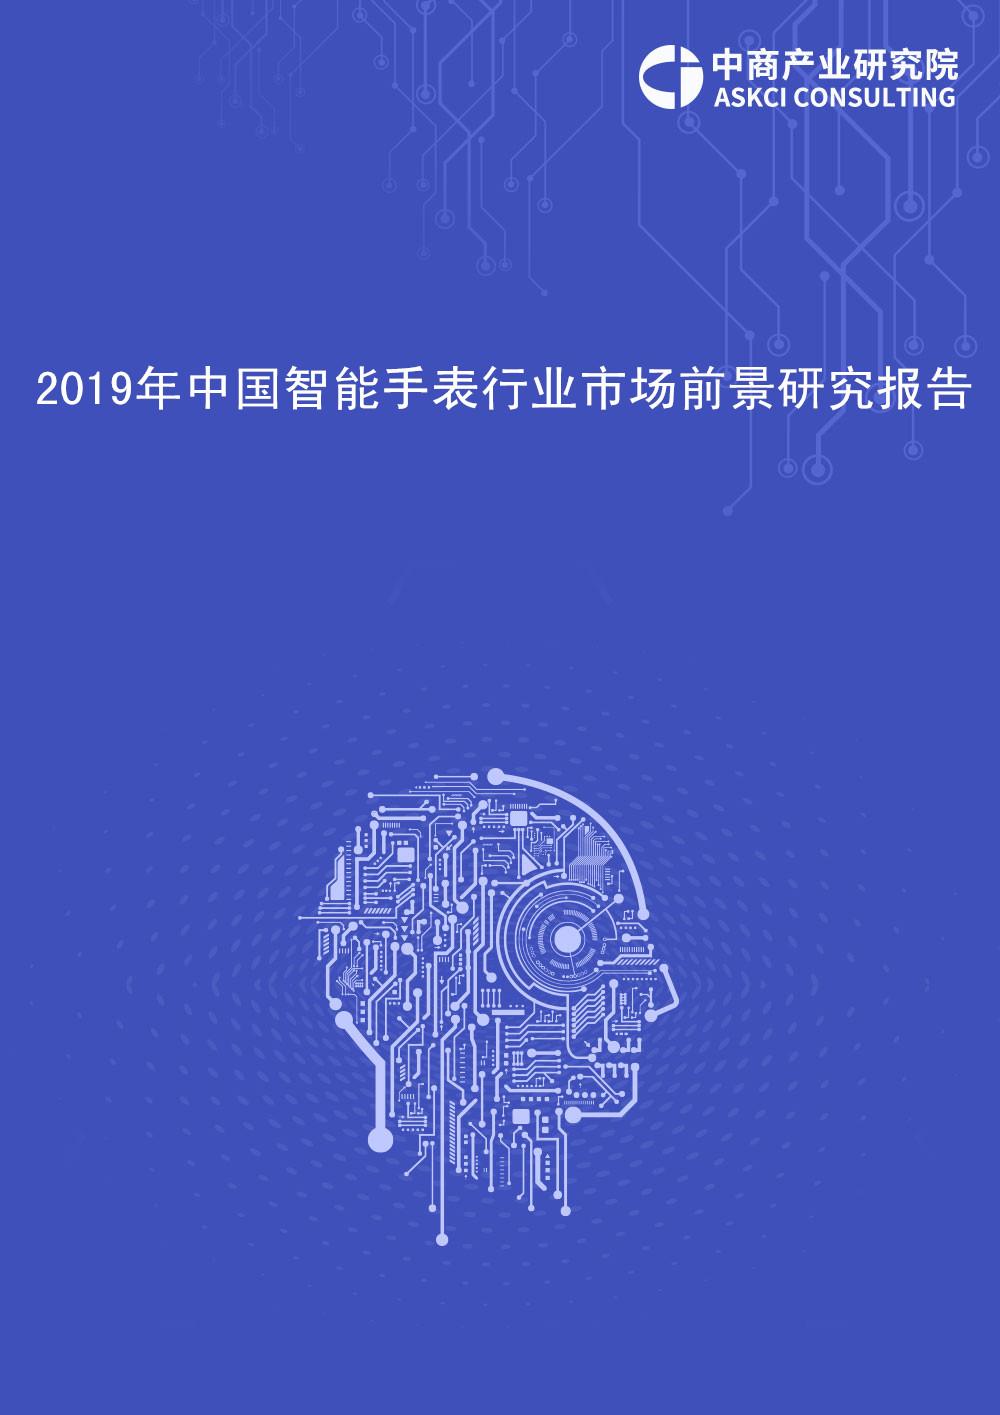 2019年中国智能手表行业市场前景研究报告